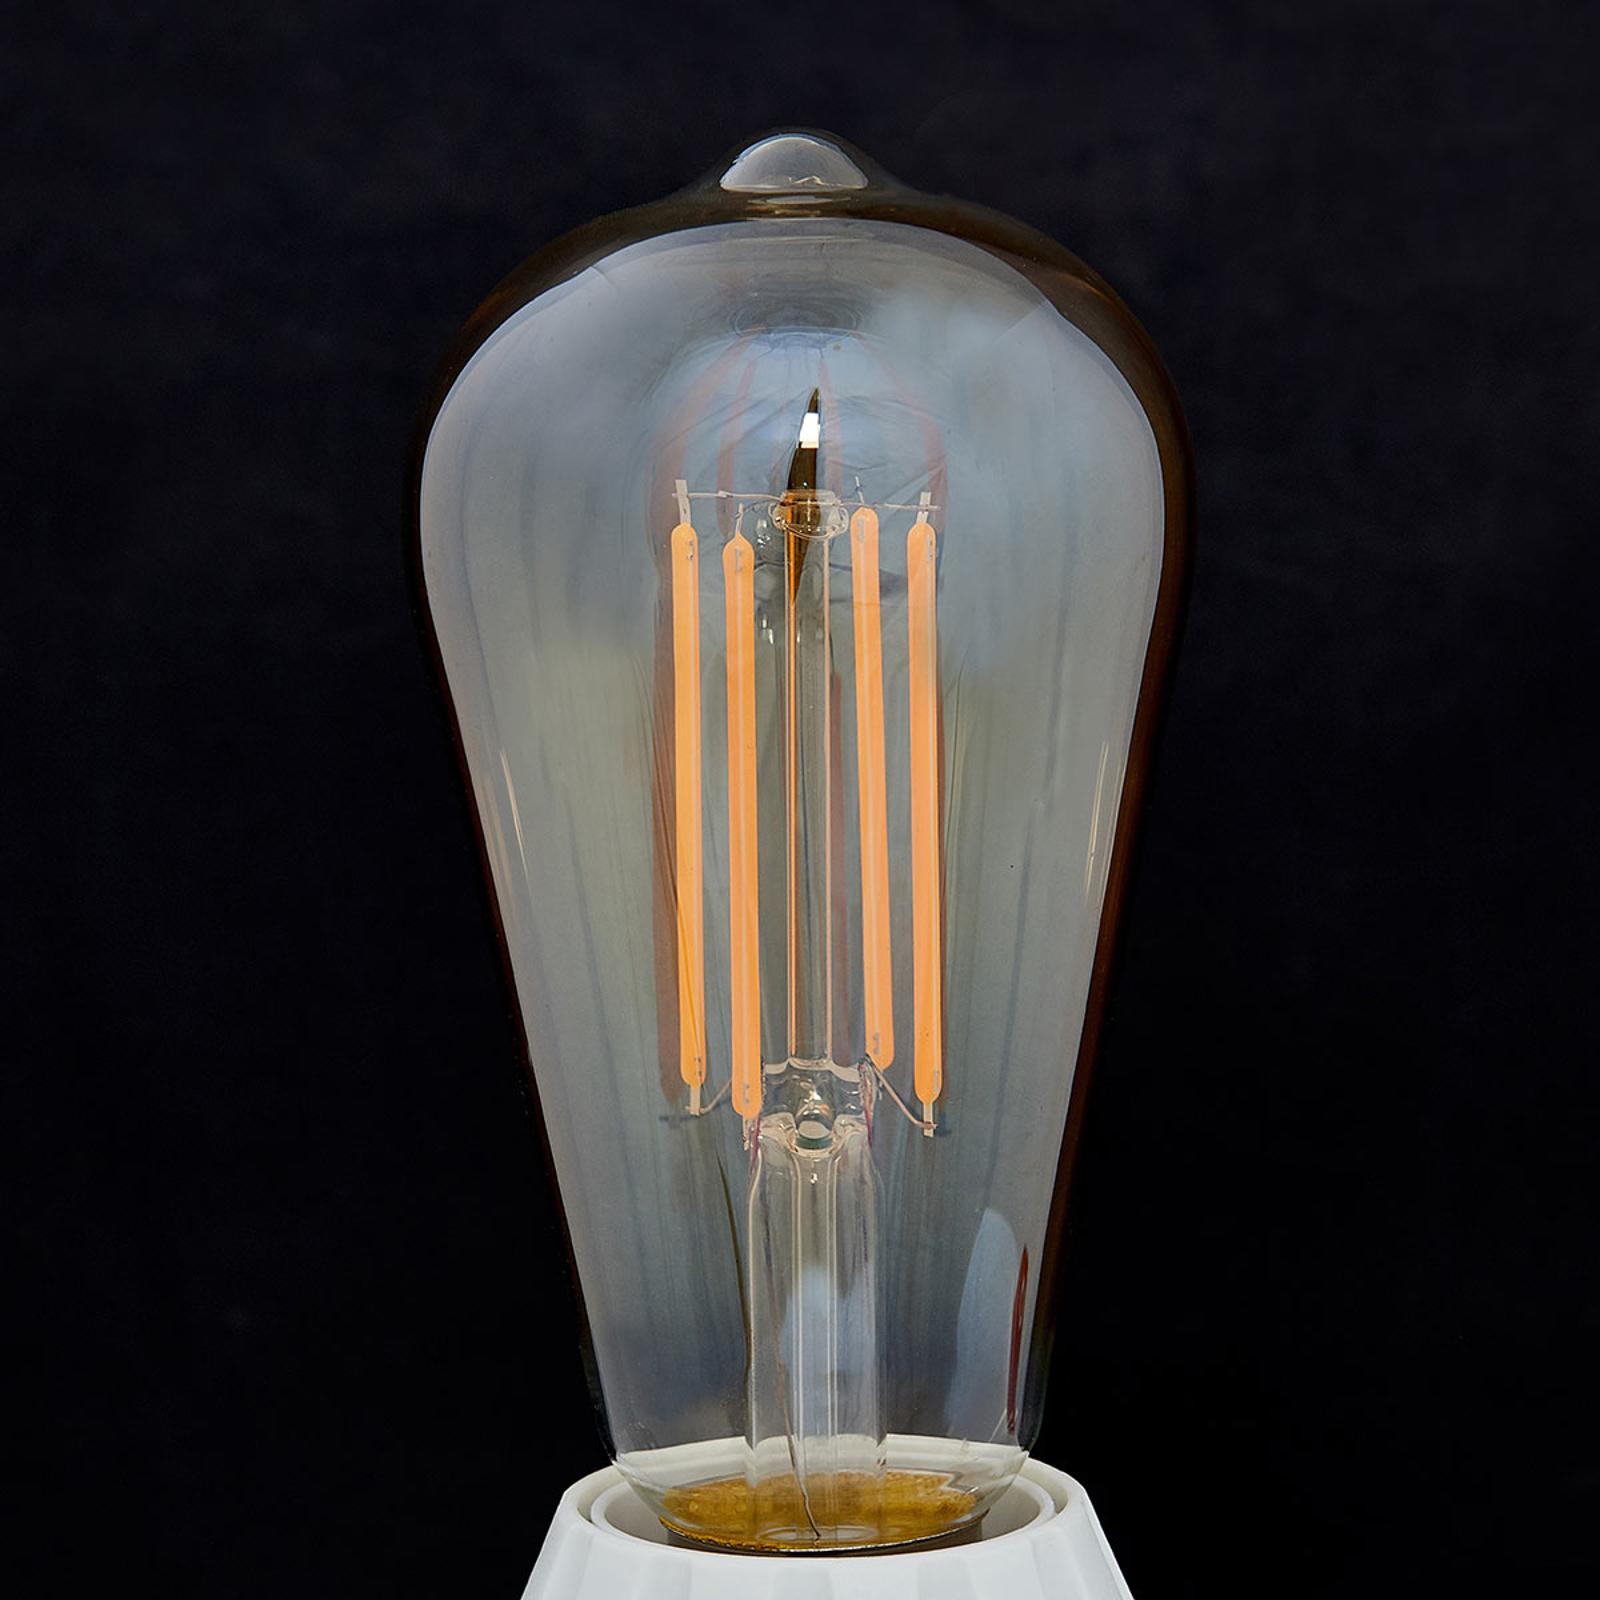 LED Arcchio E27 Lampe /'e27 9W/' Leuchmittel Kunststoff E27Led /'E27 LED 9W/' A+